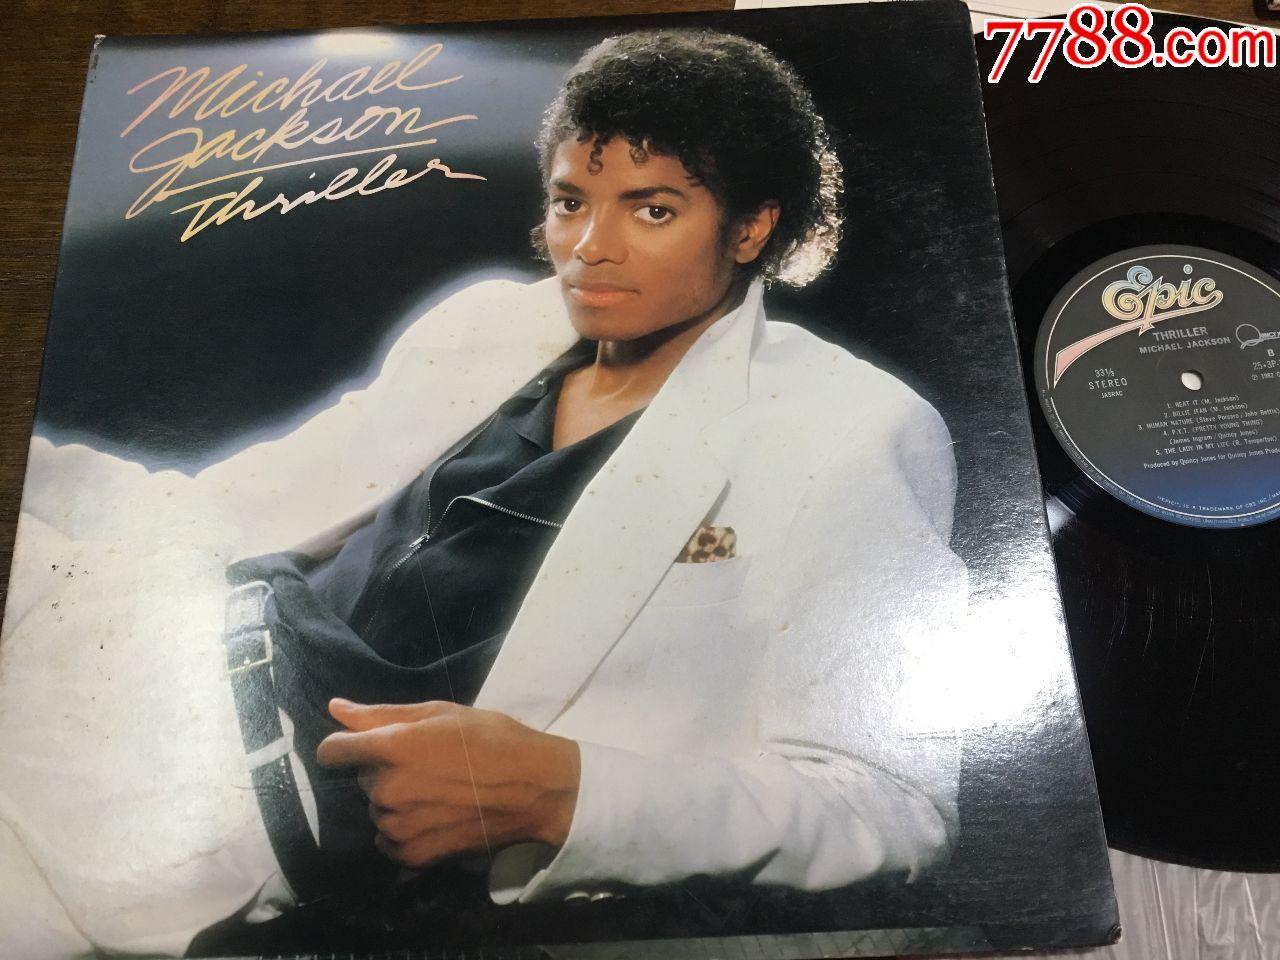 迈克尔杰克逊黑胶唱片―颤栗首版、史上最成功的最伟大的专辑1.04亿、永远无人超越(au20711097)_